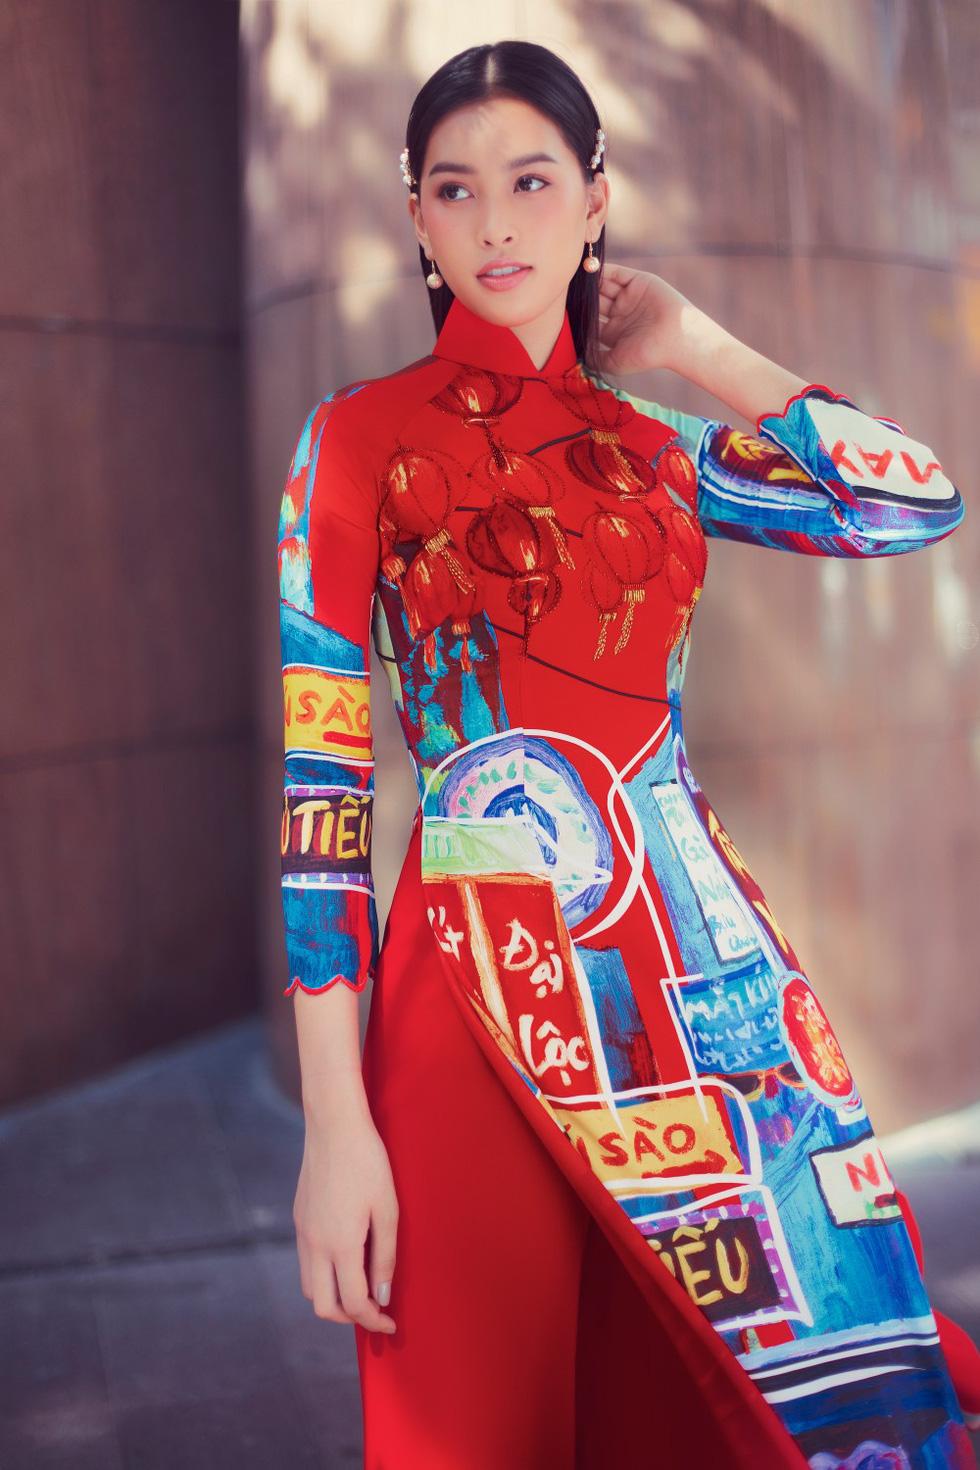 Hoa hậu Tiểu Vy khoe sắc cùng bộ sưu tập áo dài Sài Gòn ơi! - Ảnh 2.